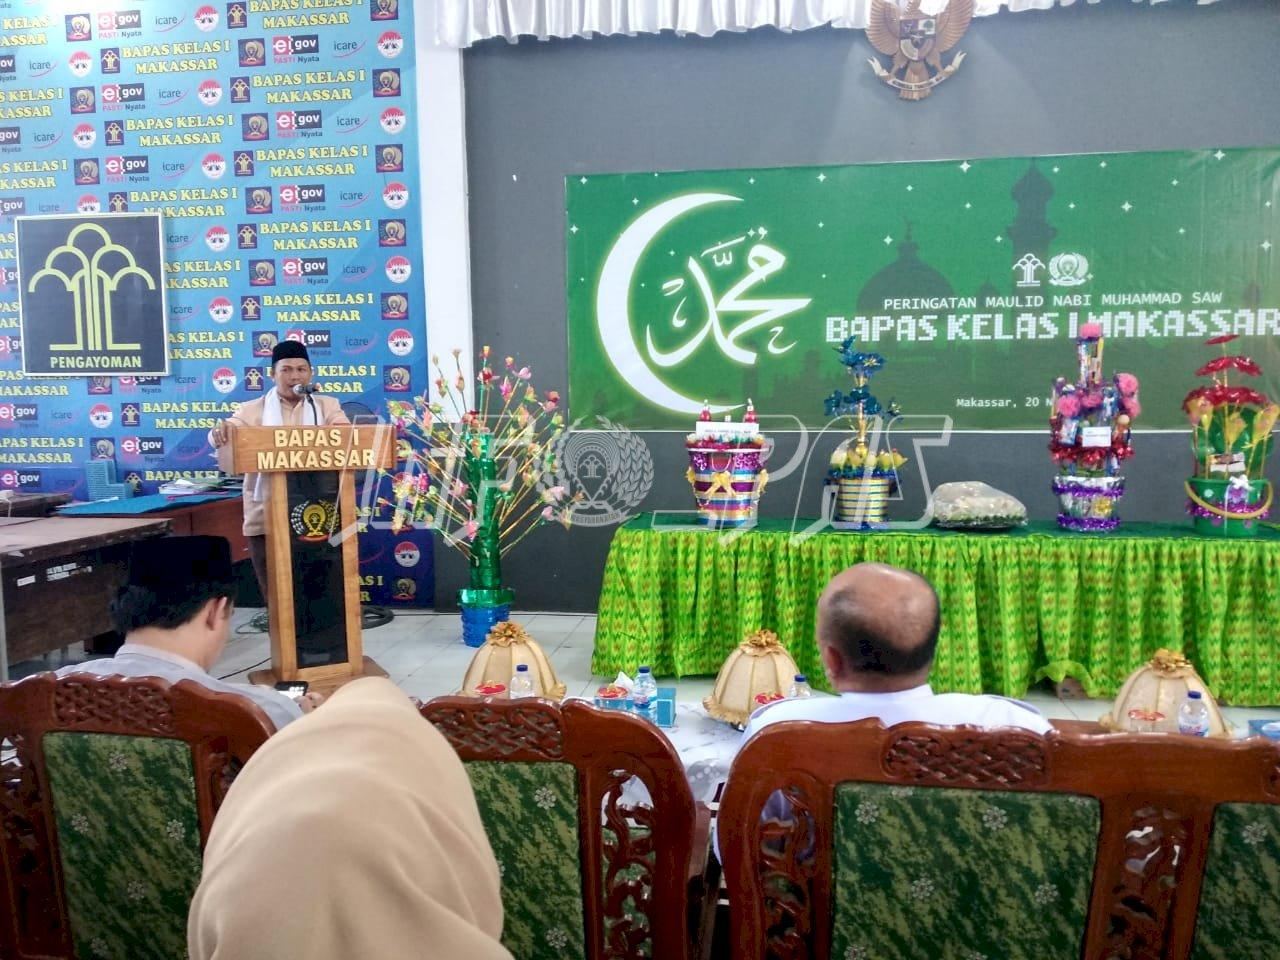 Bapas Makassar Hadirkan Da'i Mantan WBP di Peringatan Maulid Nabi Muhammad SAW